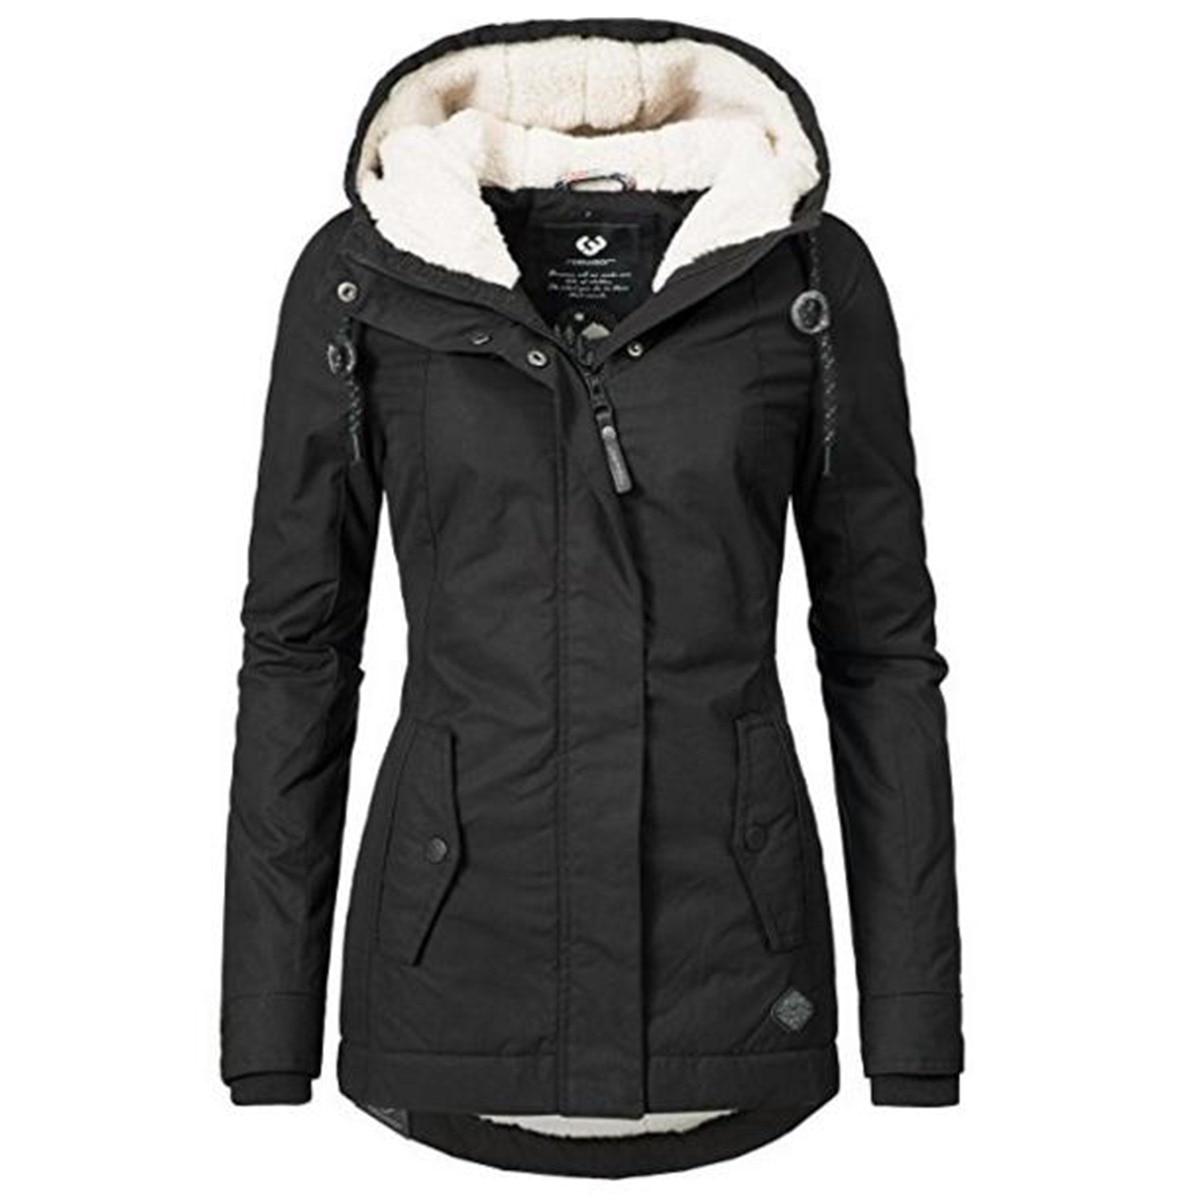 Abrigos de algodón negro mujeres Casual chaqueta con capucha abrigo moda Simple High Street Slim 2018 invierno cálido grueso básico Tops mujer